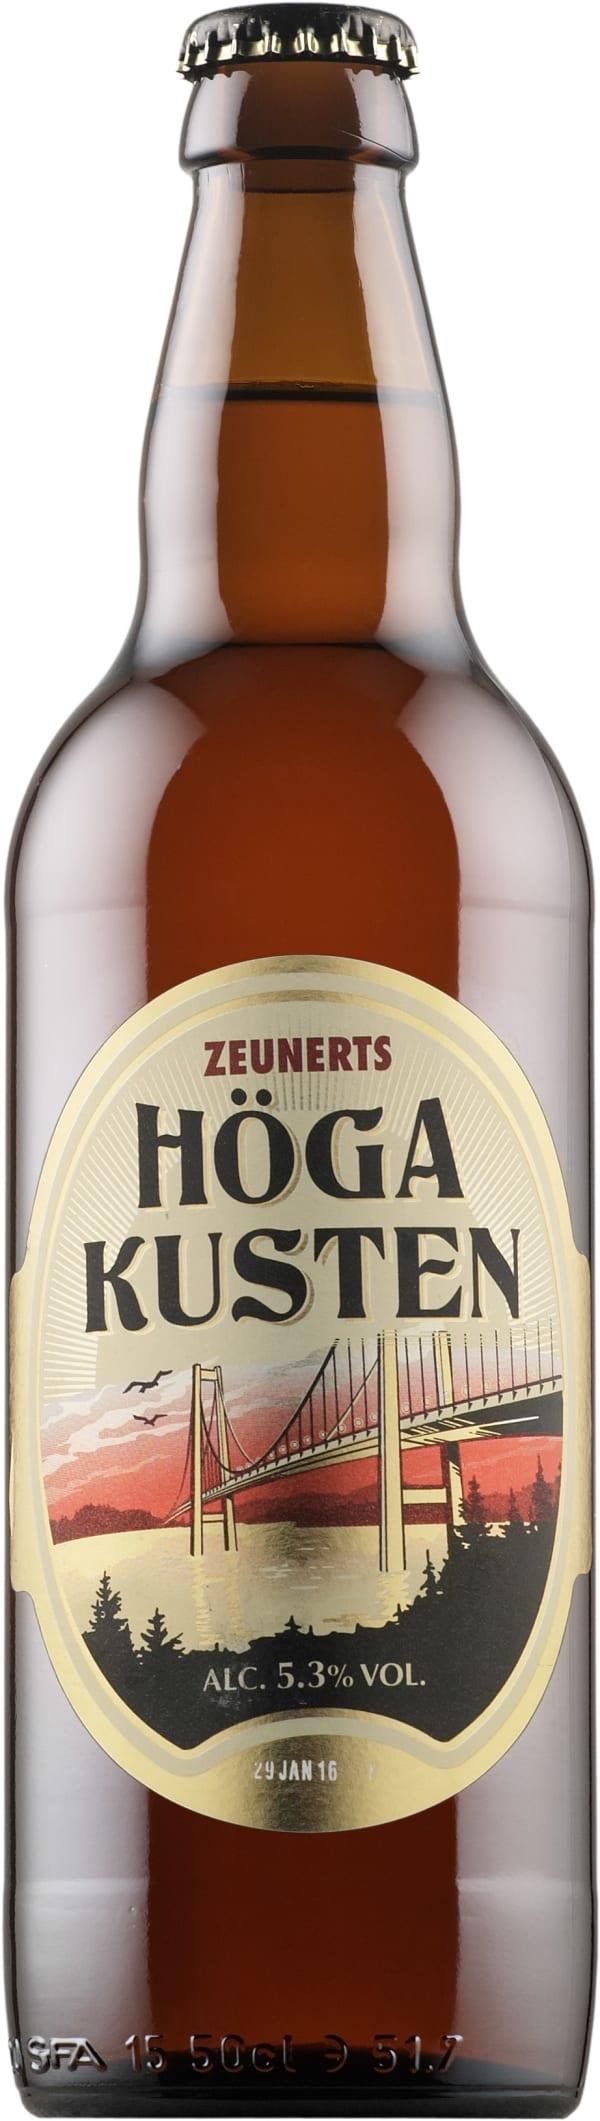 Zeunerts Höga Kusten